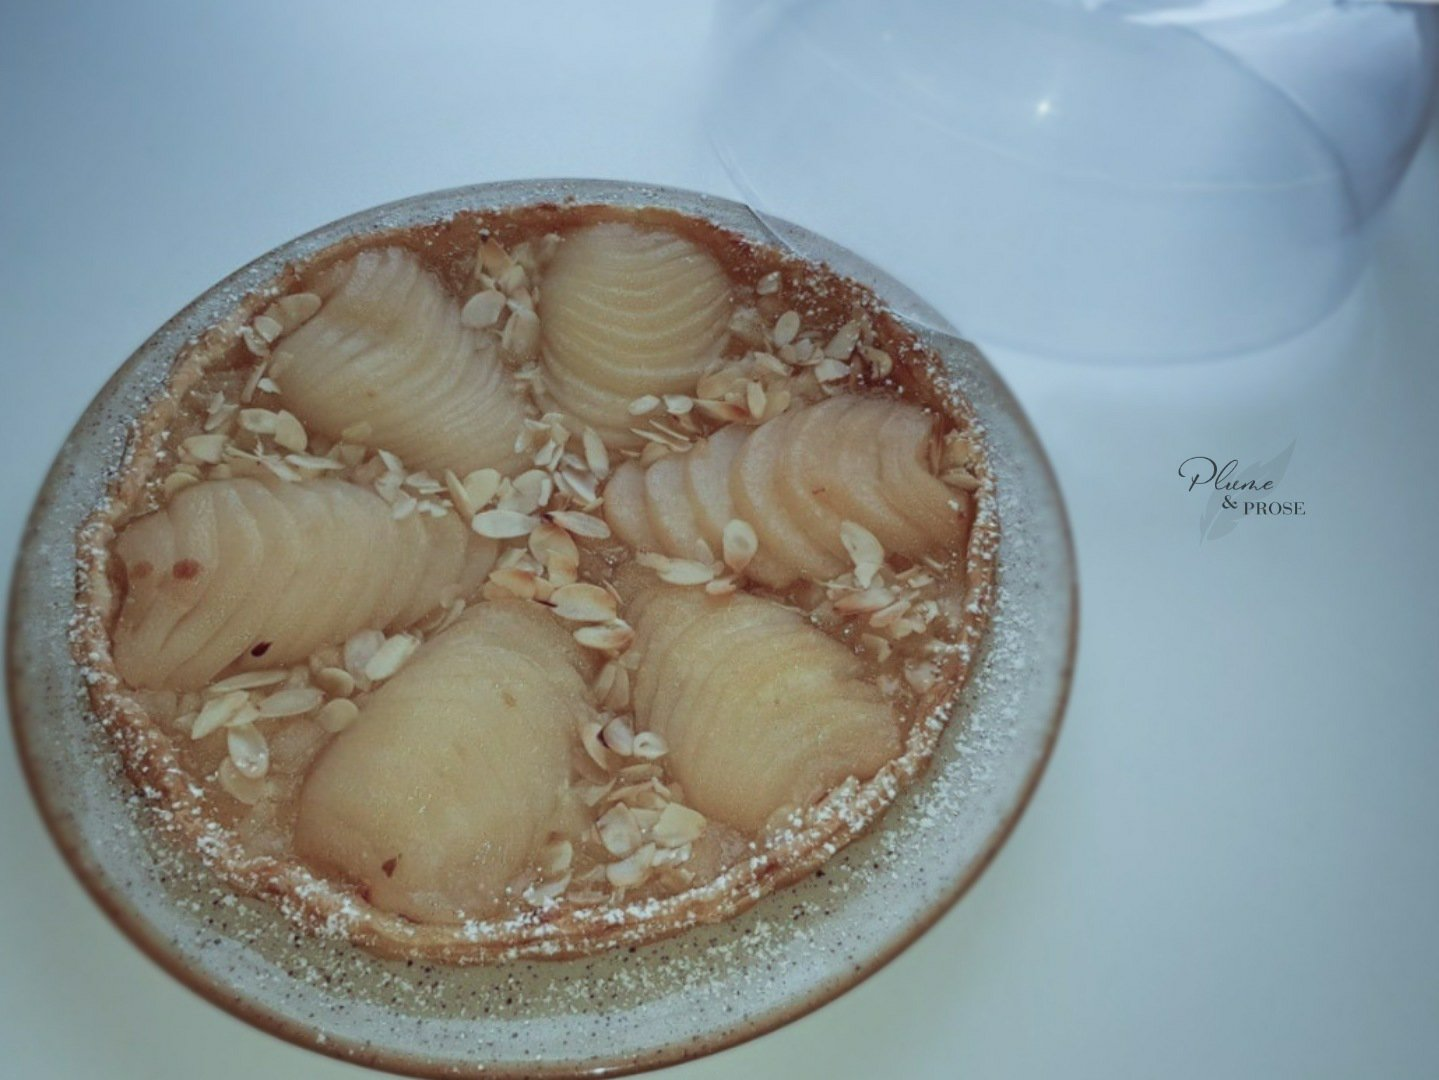 Voudriez-vous une part de cette tarte légère aux poires ?